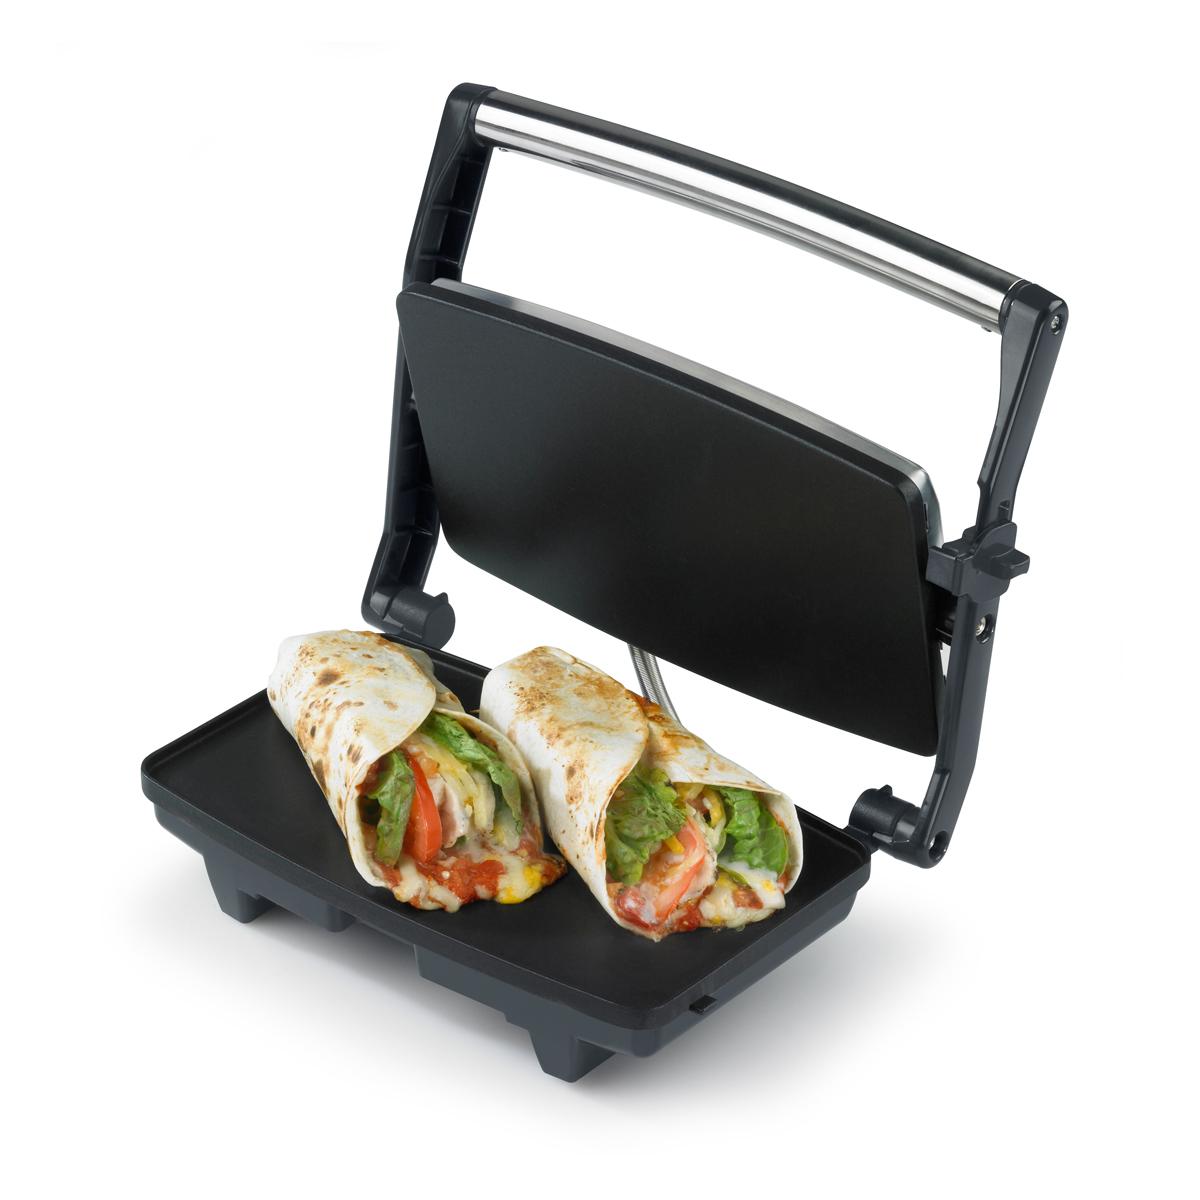 2 Slice Sandwich Toaster & Panini Maker - VST049   Breville